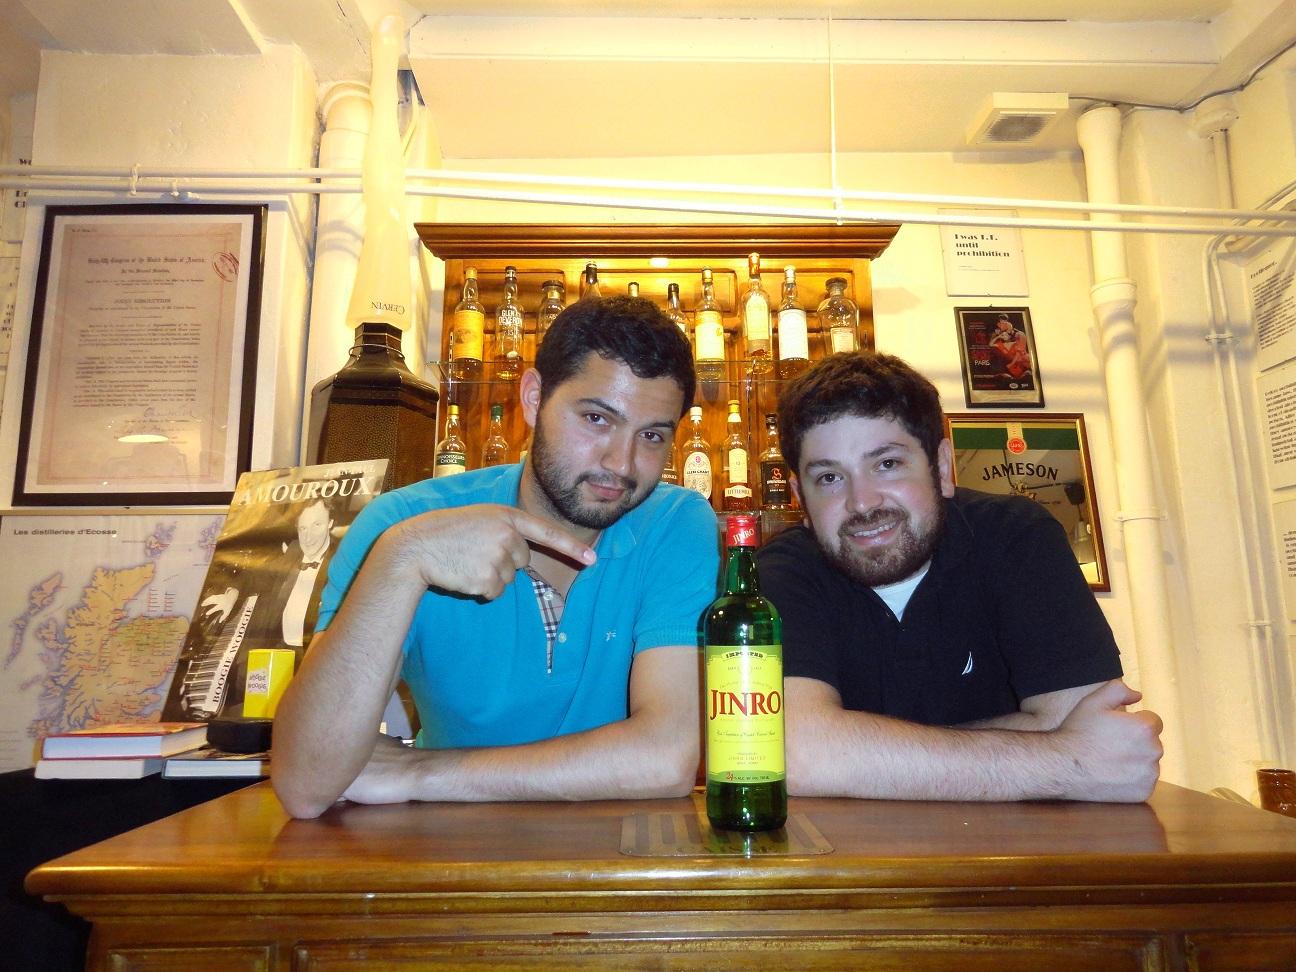 Juan Pablo, Maxime et une bouteille de Jinro